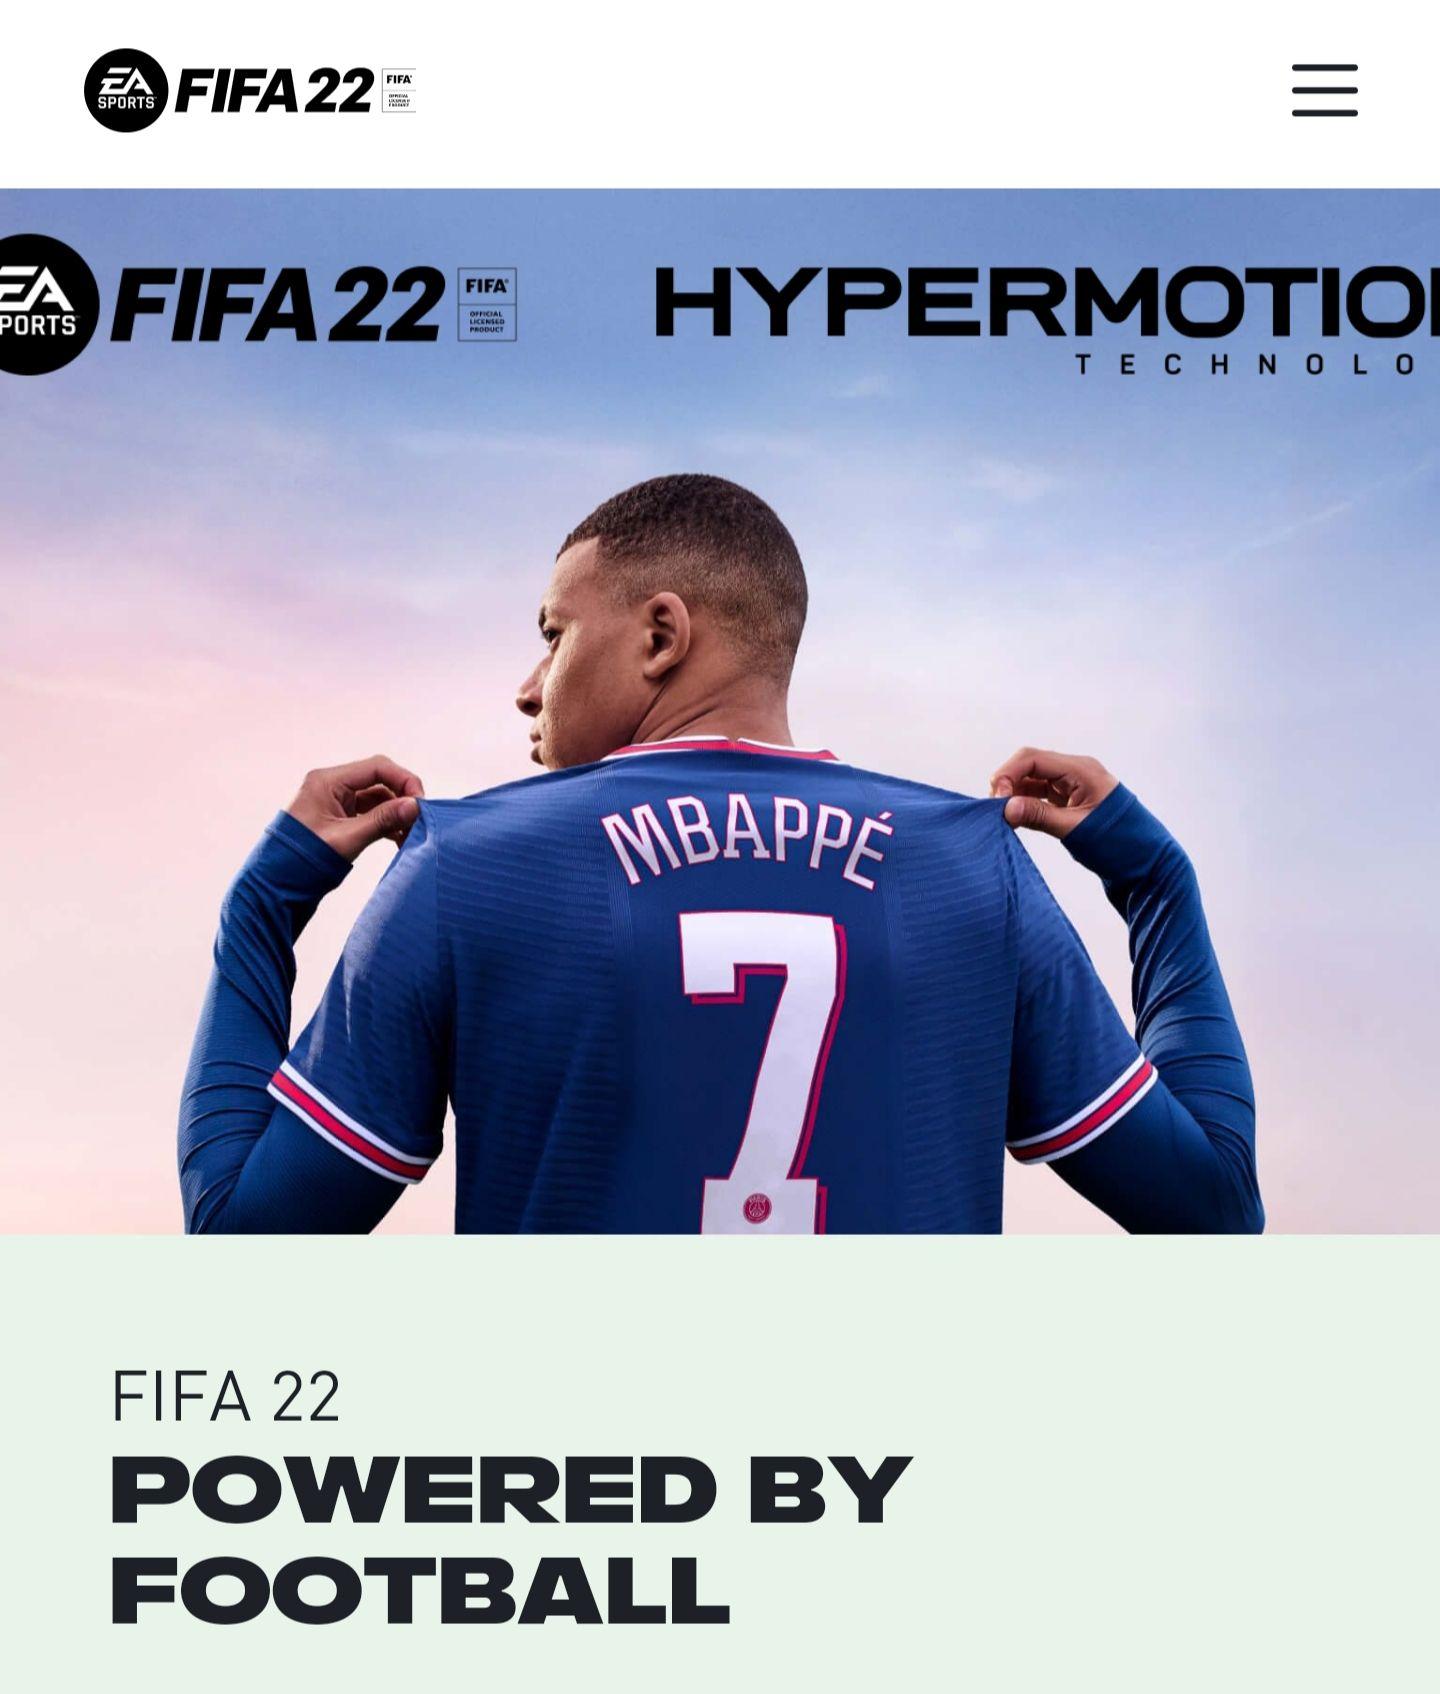 Fifa 22 jetzt vorbestellbar, für PC, PS4 & PS5, XBOX, Stadia. Erhältlich ab dem 27.9/1.10